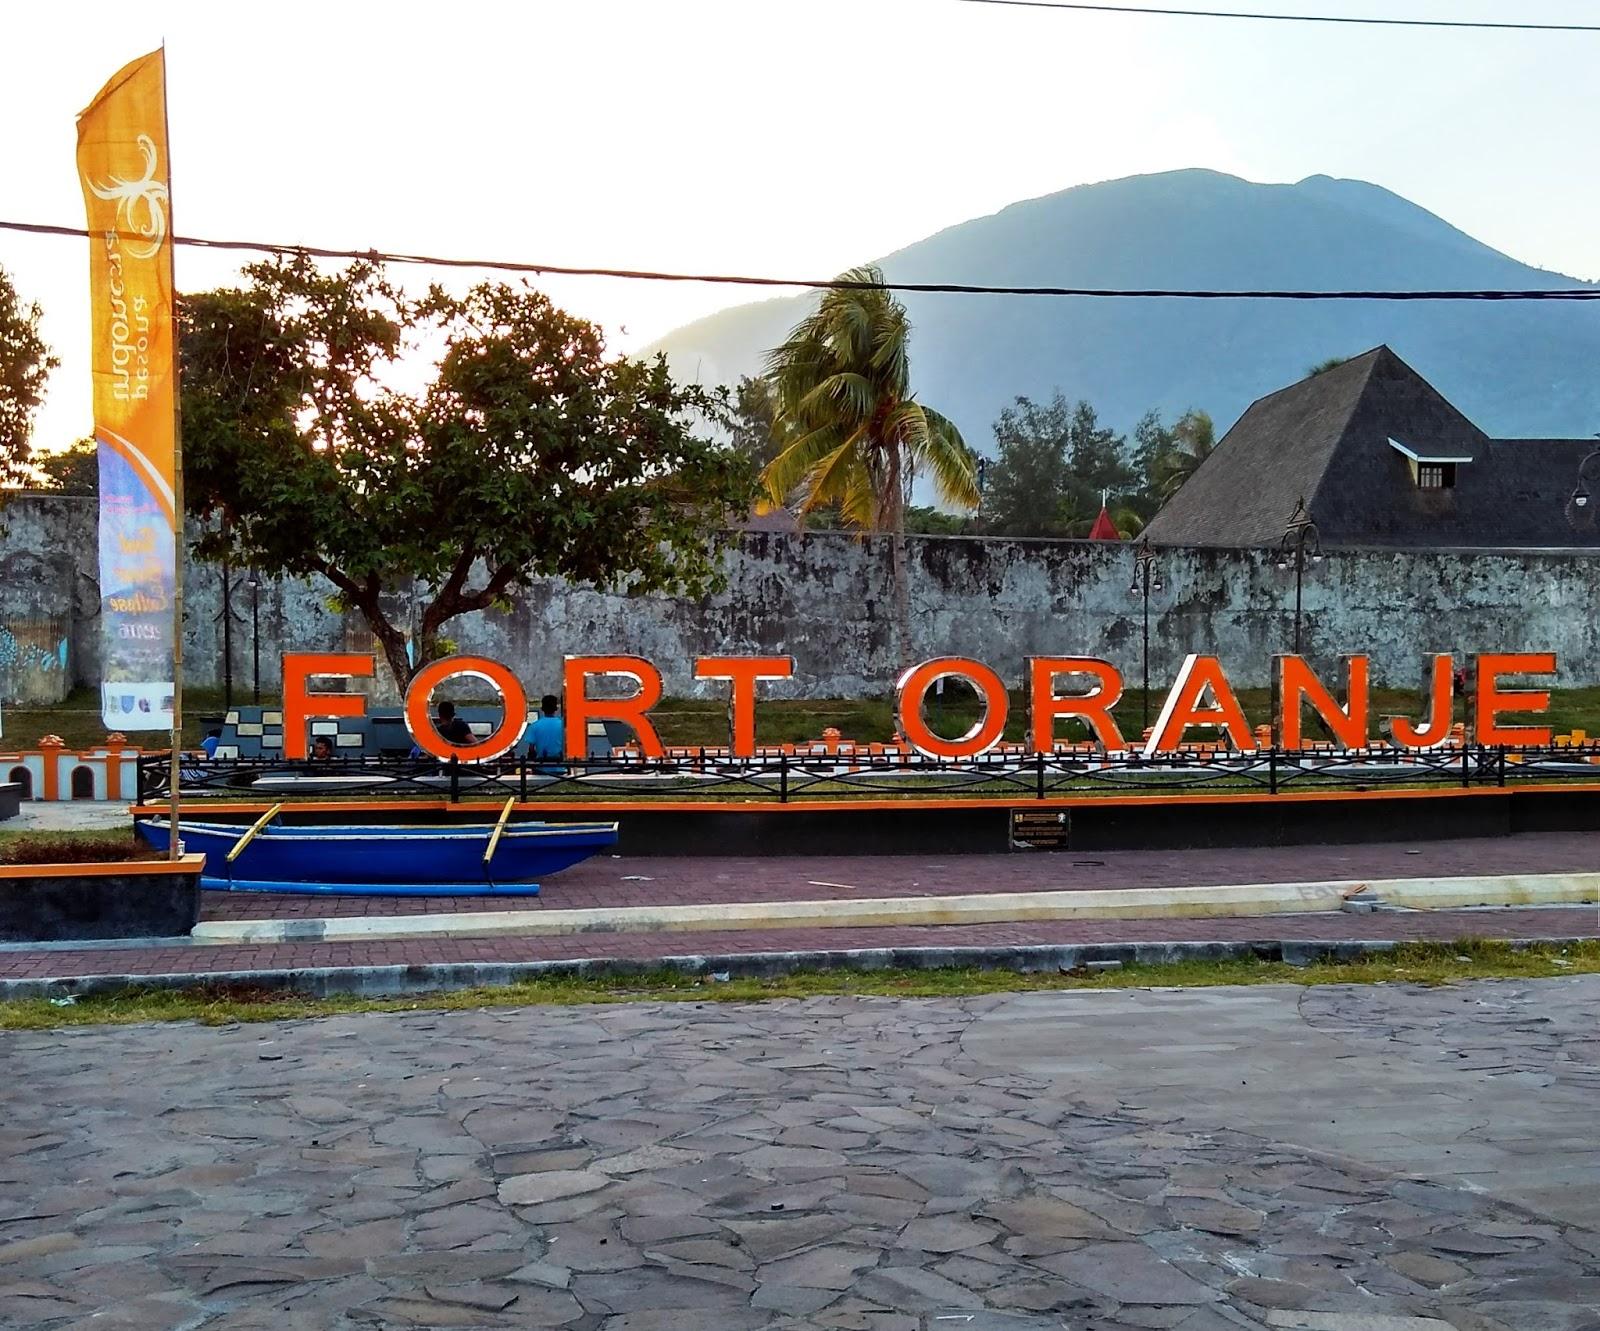 5 Tempat Wajib Dikunjungi Oleh Mahasiswa Universitas Khairun Benteng Oranje